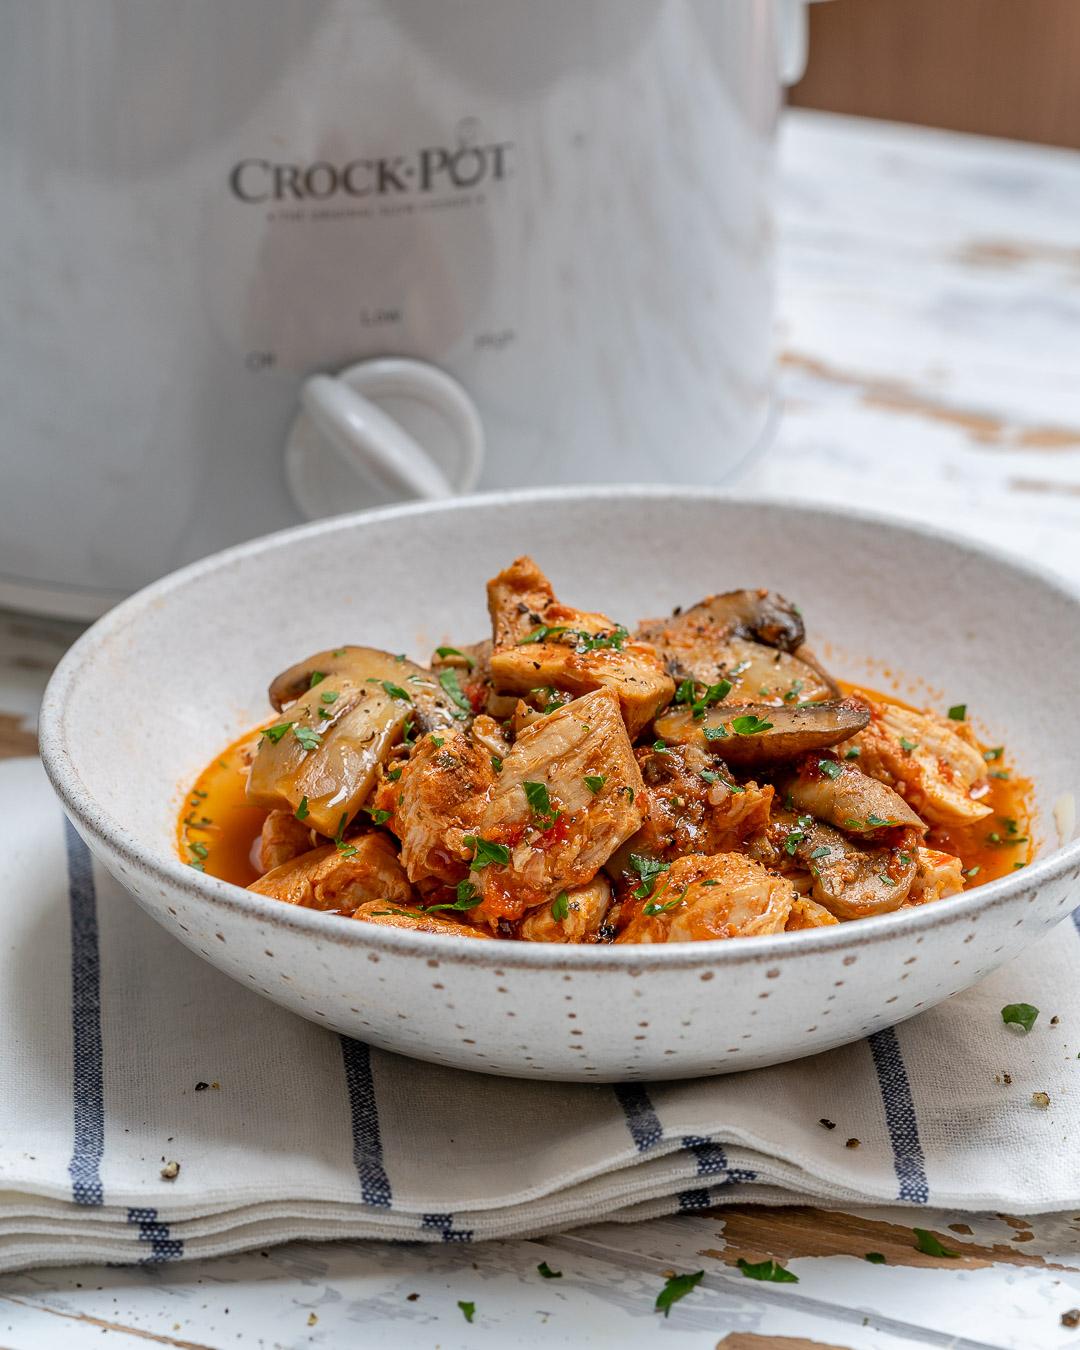 Crockpot Chicken Mushrooms Healthy Dinner Ideas